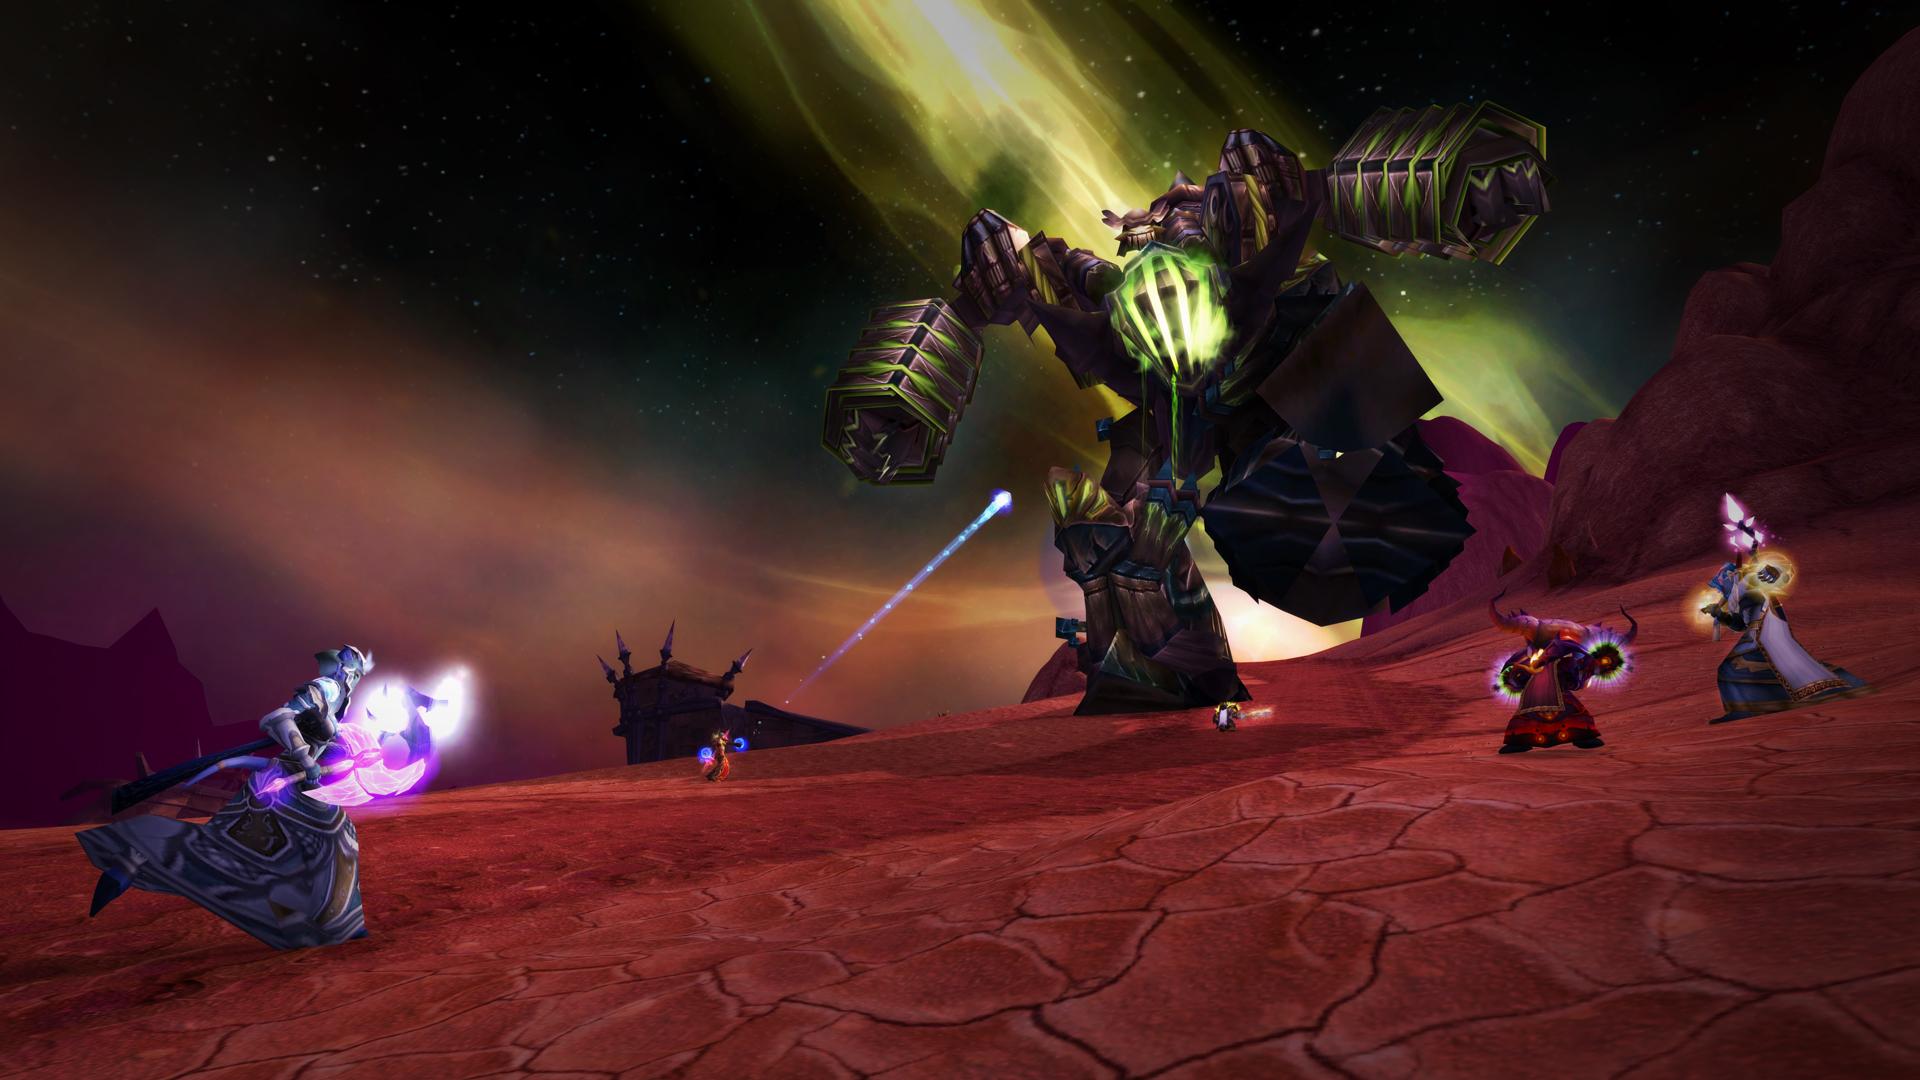 《魔兽世界:燃烧的远征》未来规划、角色及服务器介绍